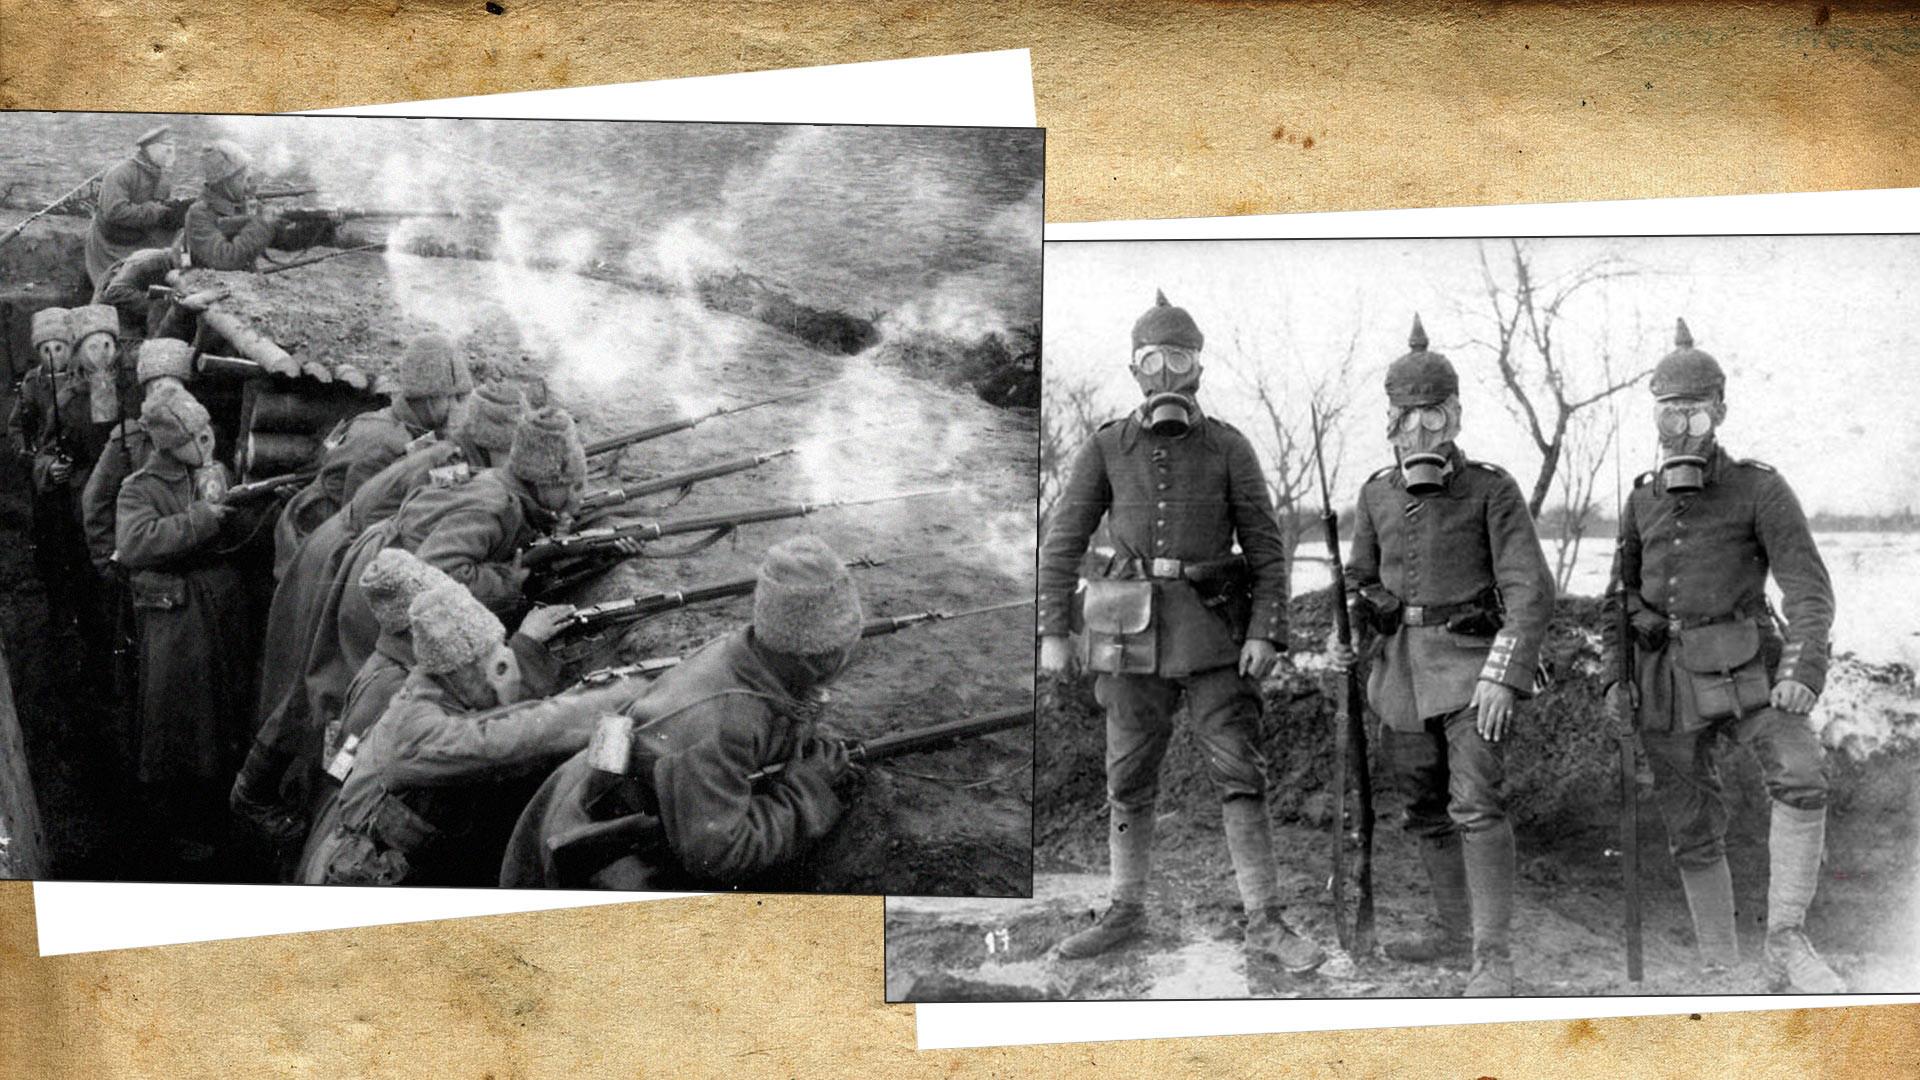 Солдаты Духовщинского 267-го пехотного полка в противогазах Зелинского/Немецкие солдаты. Коллаж © L!FE. Фото © Wikimedia Commons